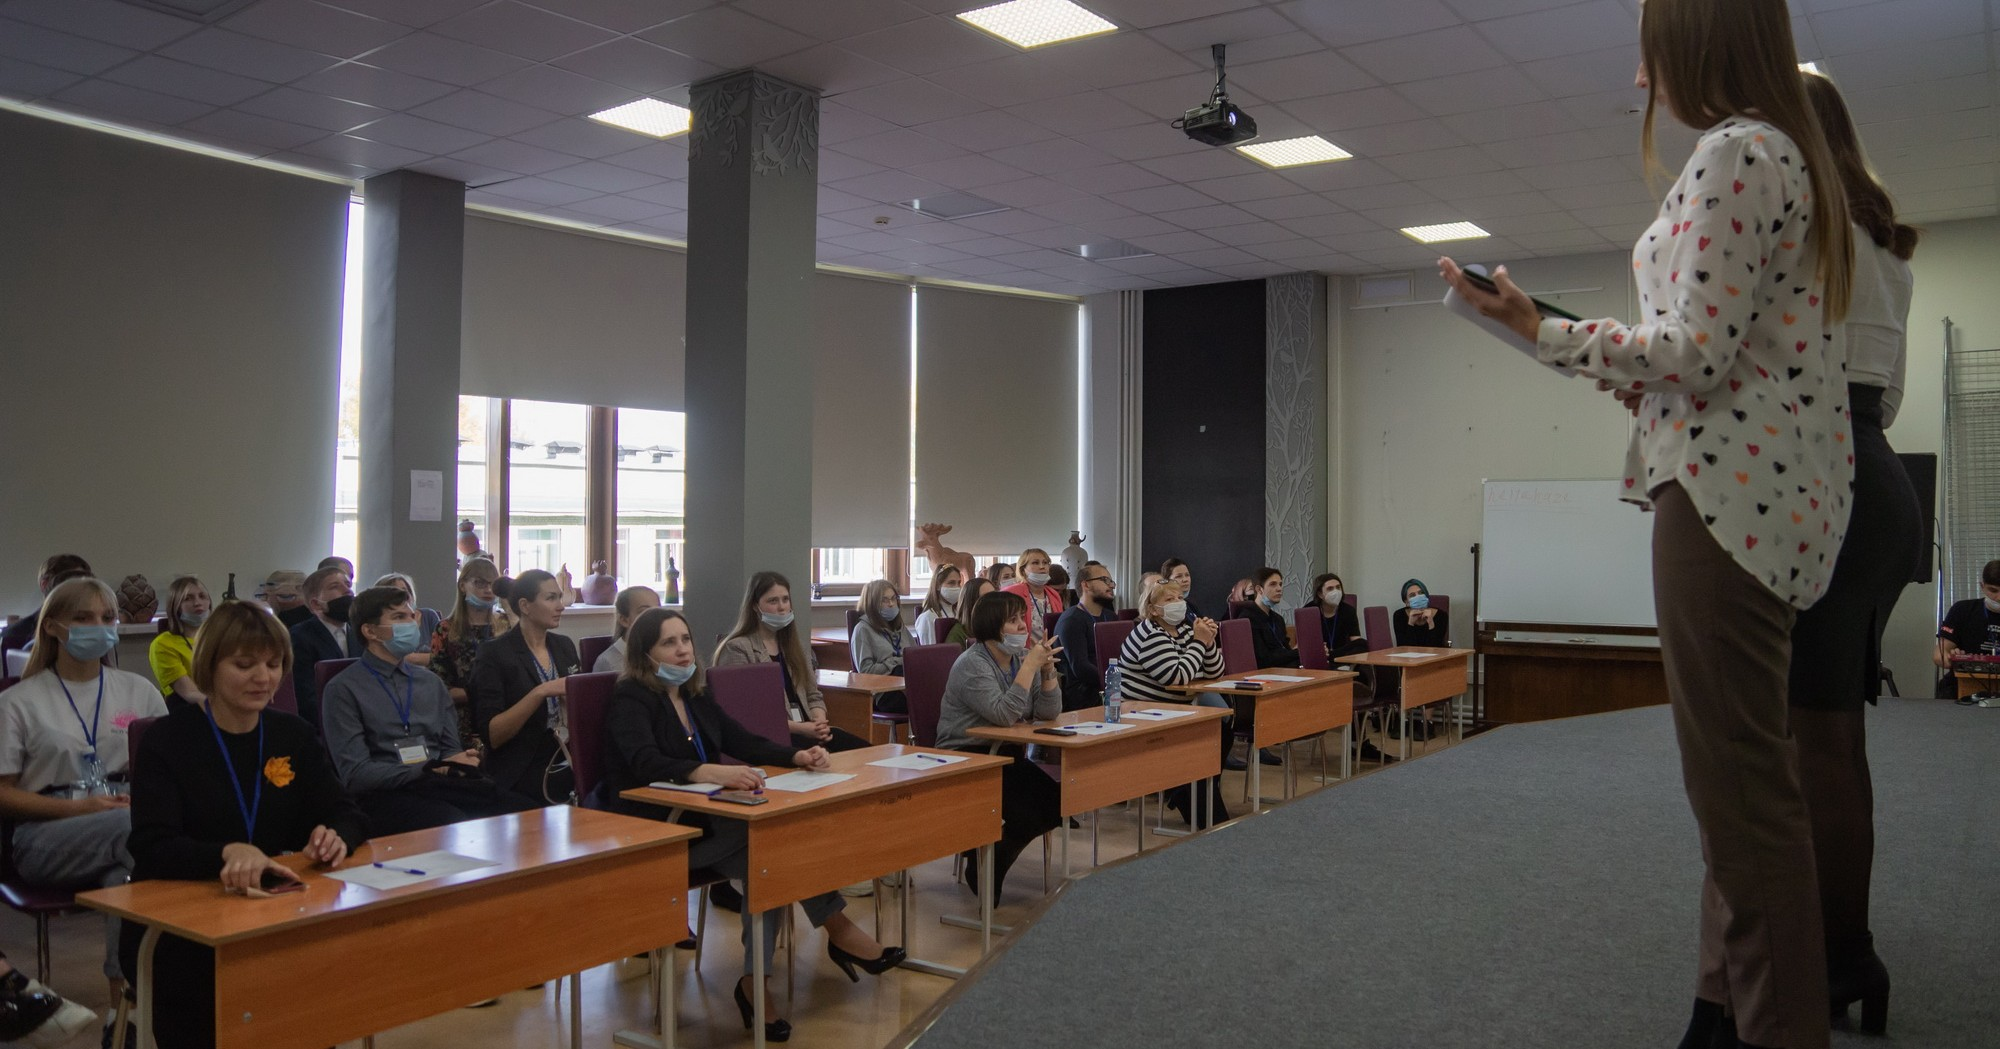 Новосибирский вуз заявил о частичном переходе на дистанционный формат обучения